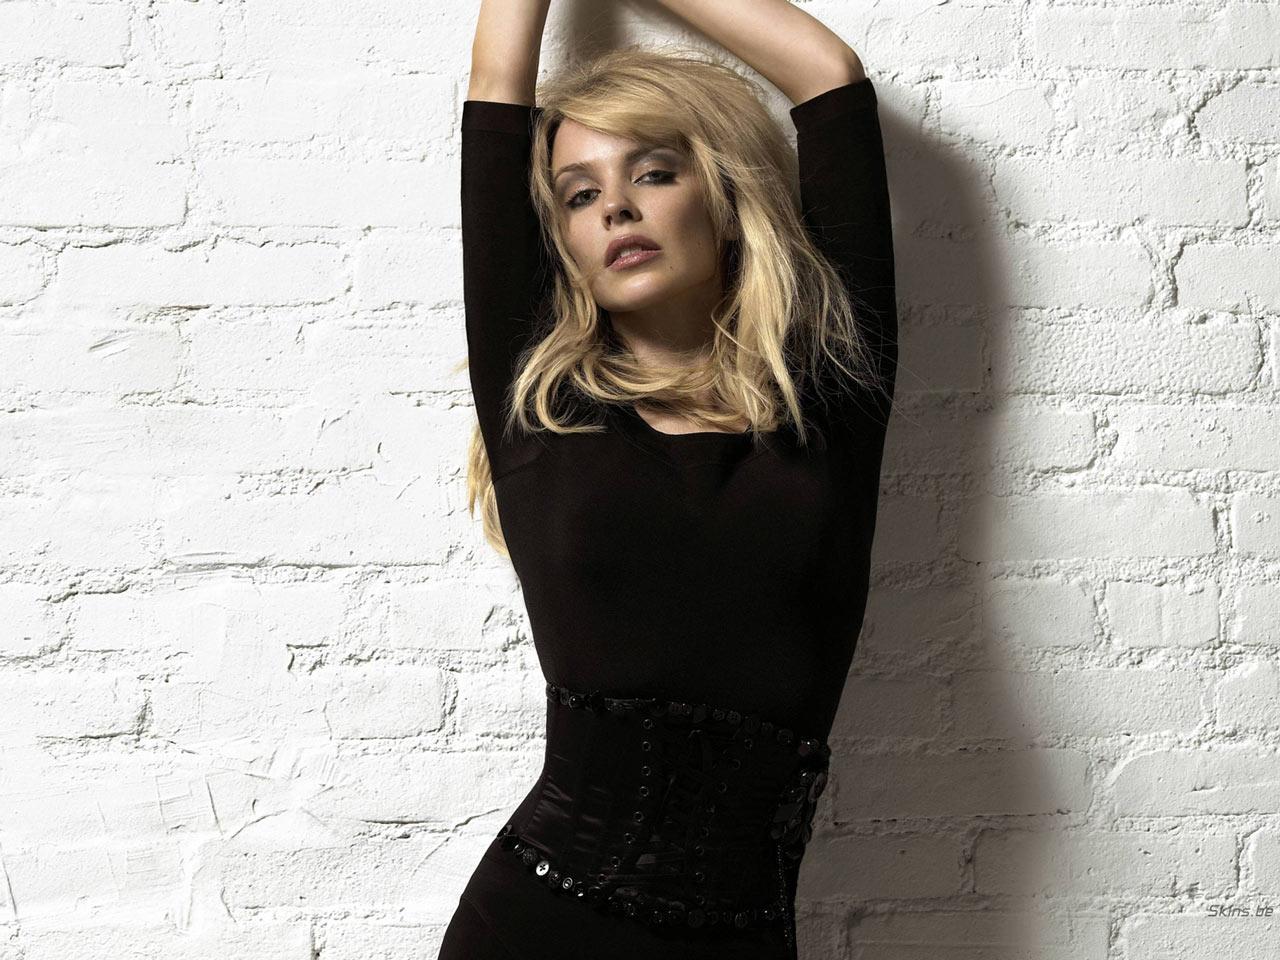 肏女模特_美女模特KylieMinogue[40P]_CAOAV-操AV,操AV社区,大色妹,操AV社区欢迎